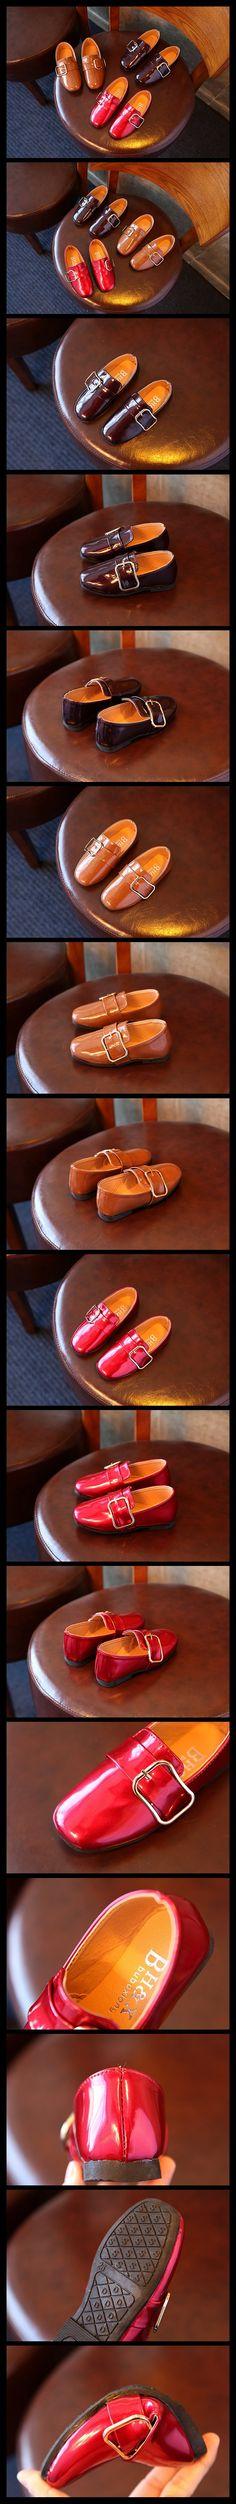 Đặt hàng Giày mùa xuân dành cho trẻ em phong cách Anh chất lượng cao cấp Hồ Chí Minh